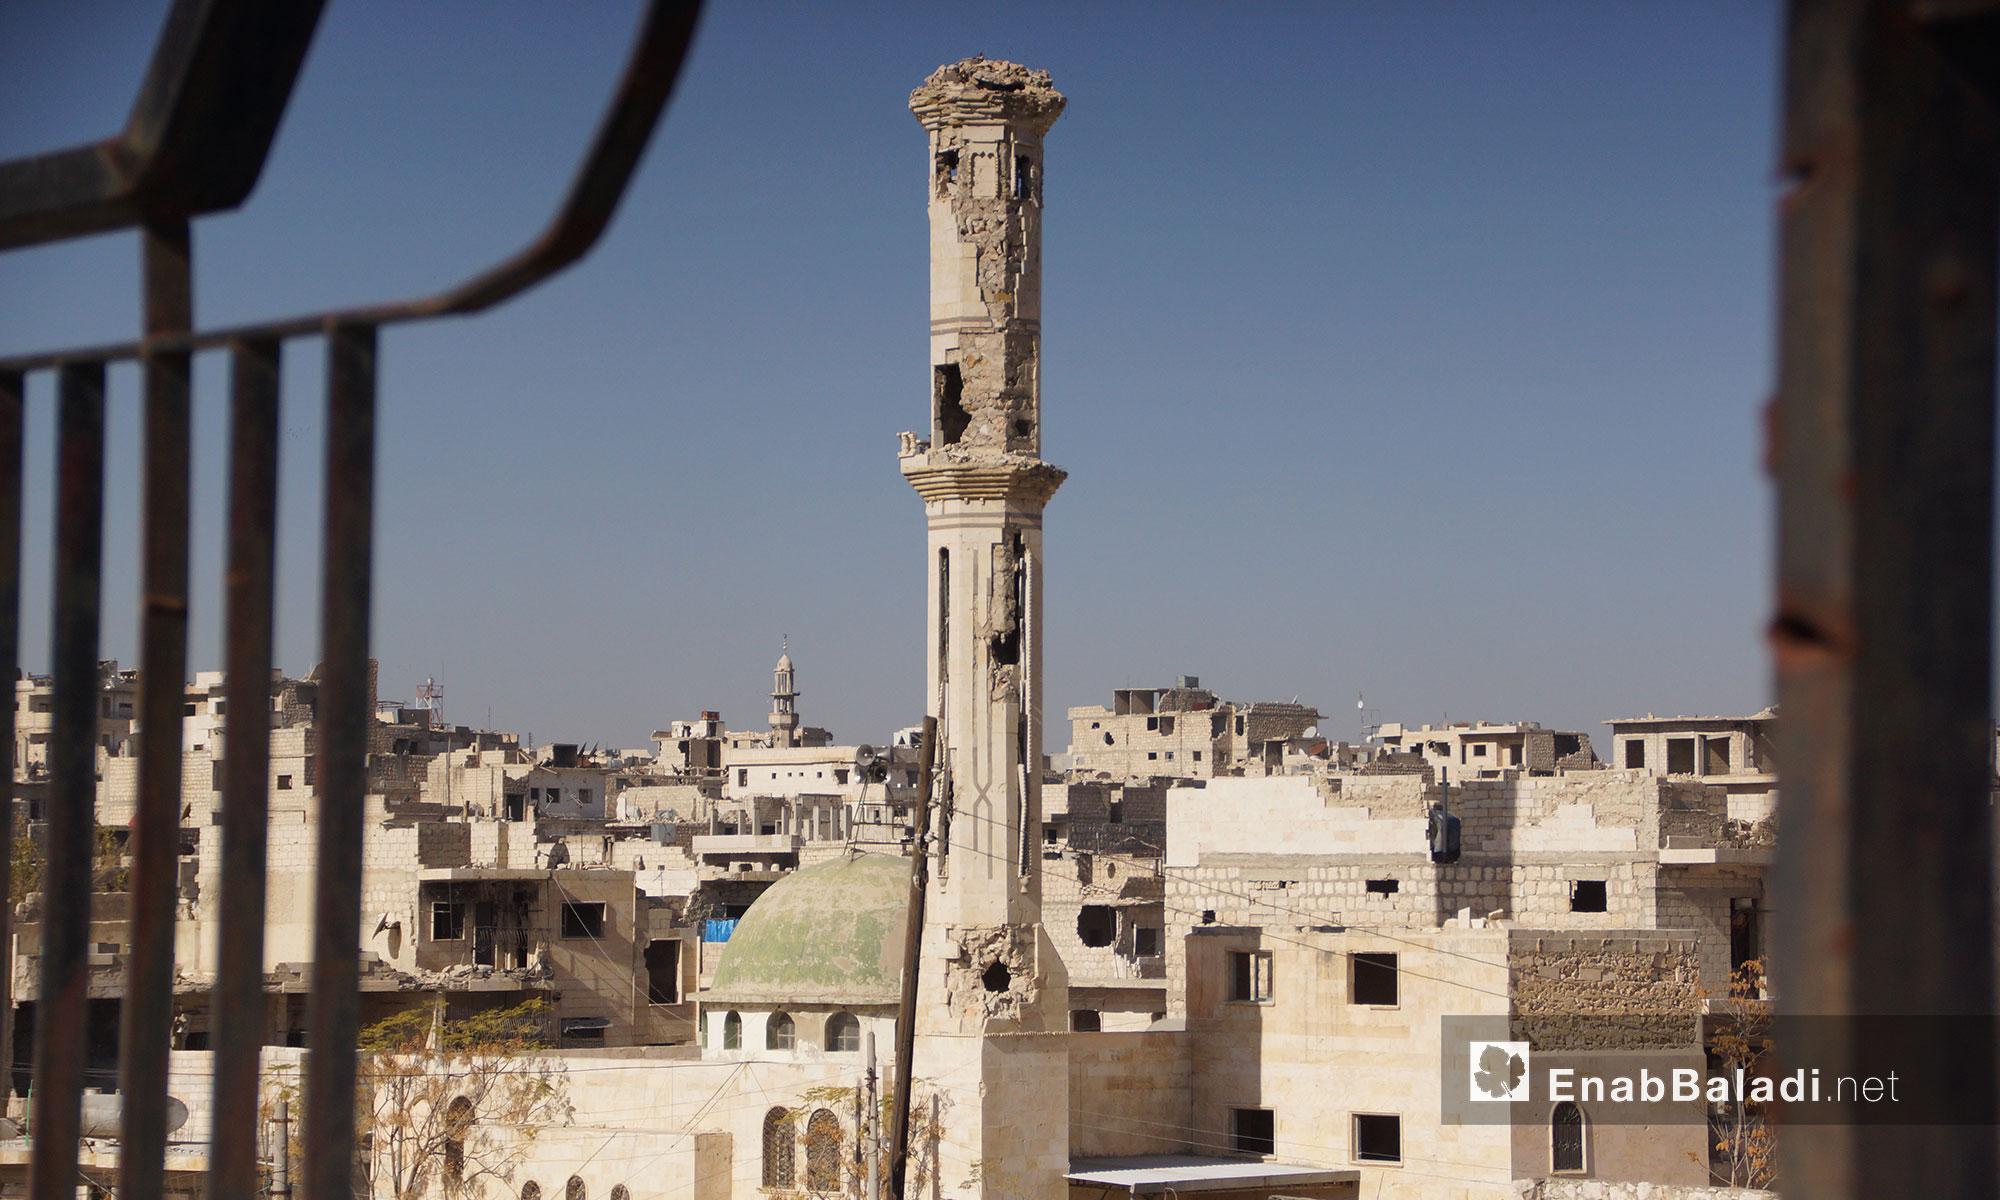 مئذنة طالها القصف لأحد مساجد معرة النعمان - 24تشرين الثاني 2016 (عنب بلدي(